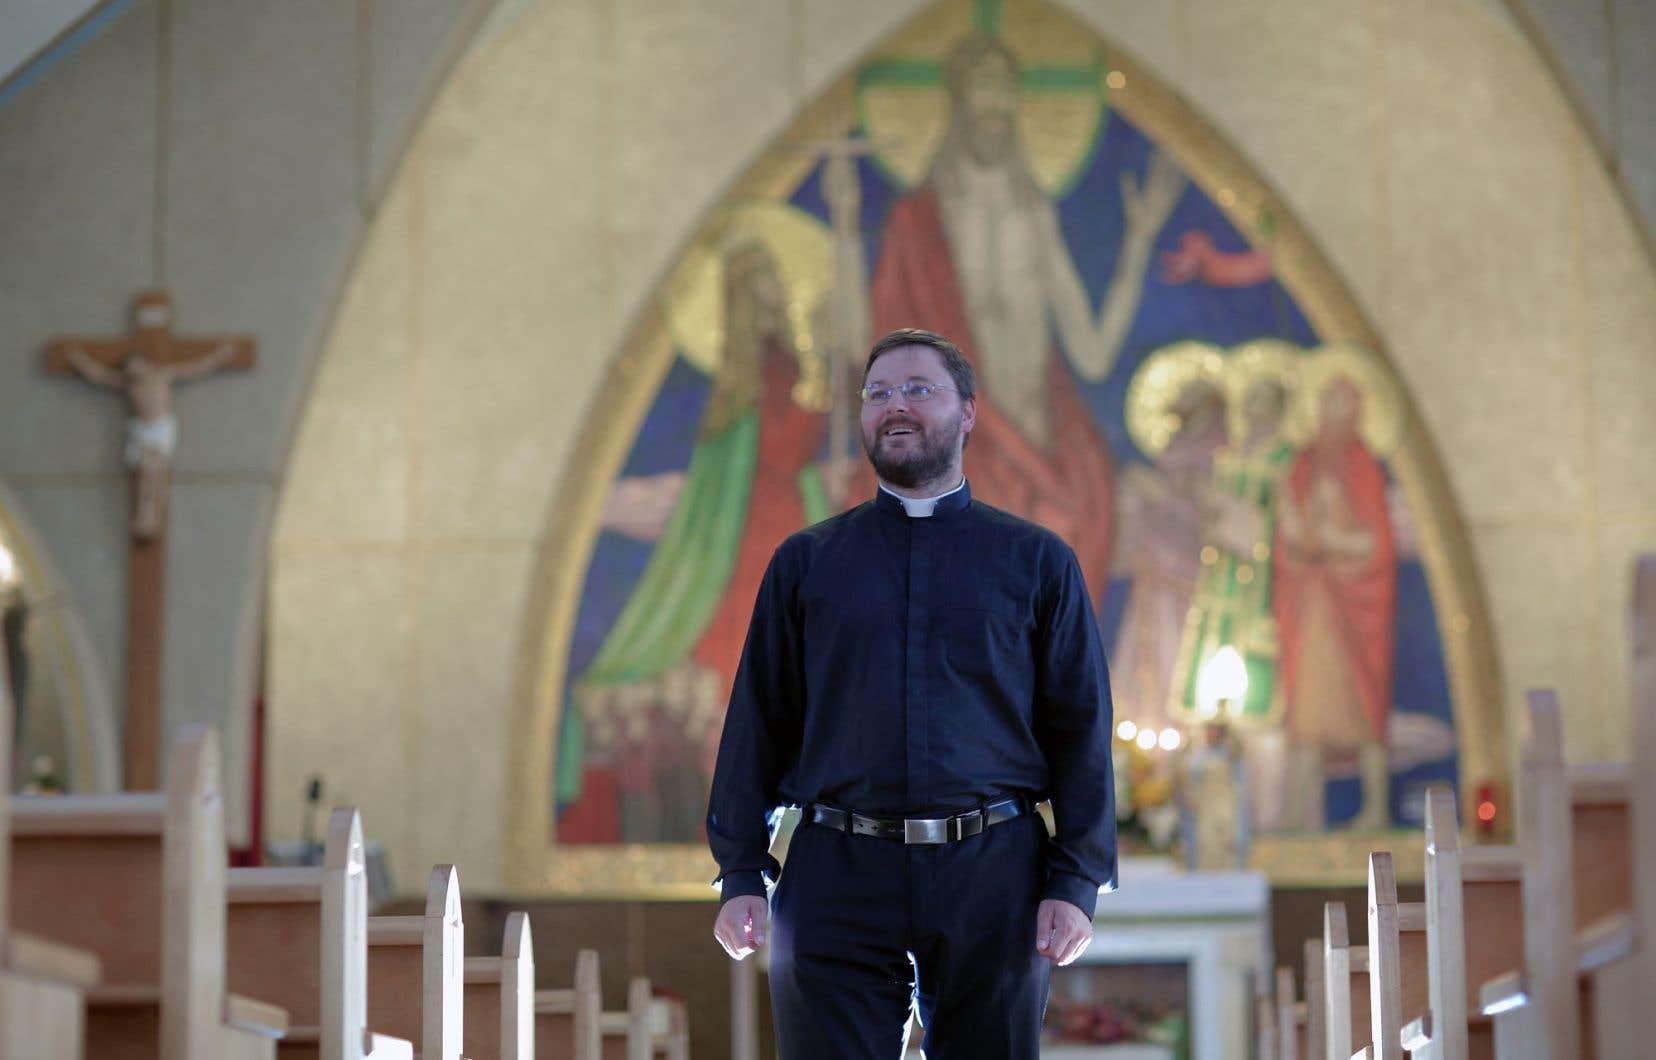 L'abbé Greg Ciszek, l'un des plus jeunes curés du Québec, est très proche de la communauté de sa paroisse, San Giovanni Bosco. Il mise sur les rassemblements festifs, l'authenticité et la bonne transmission de la foi pour attirer les fidèles.